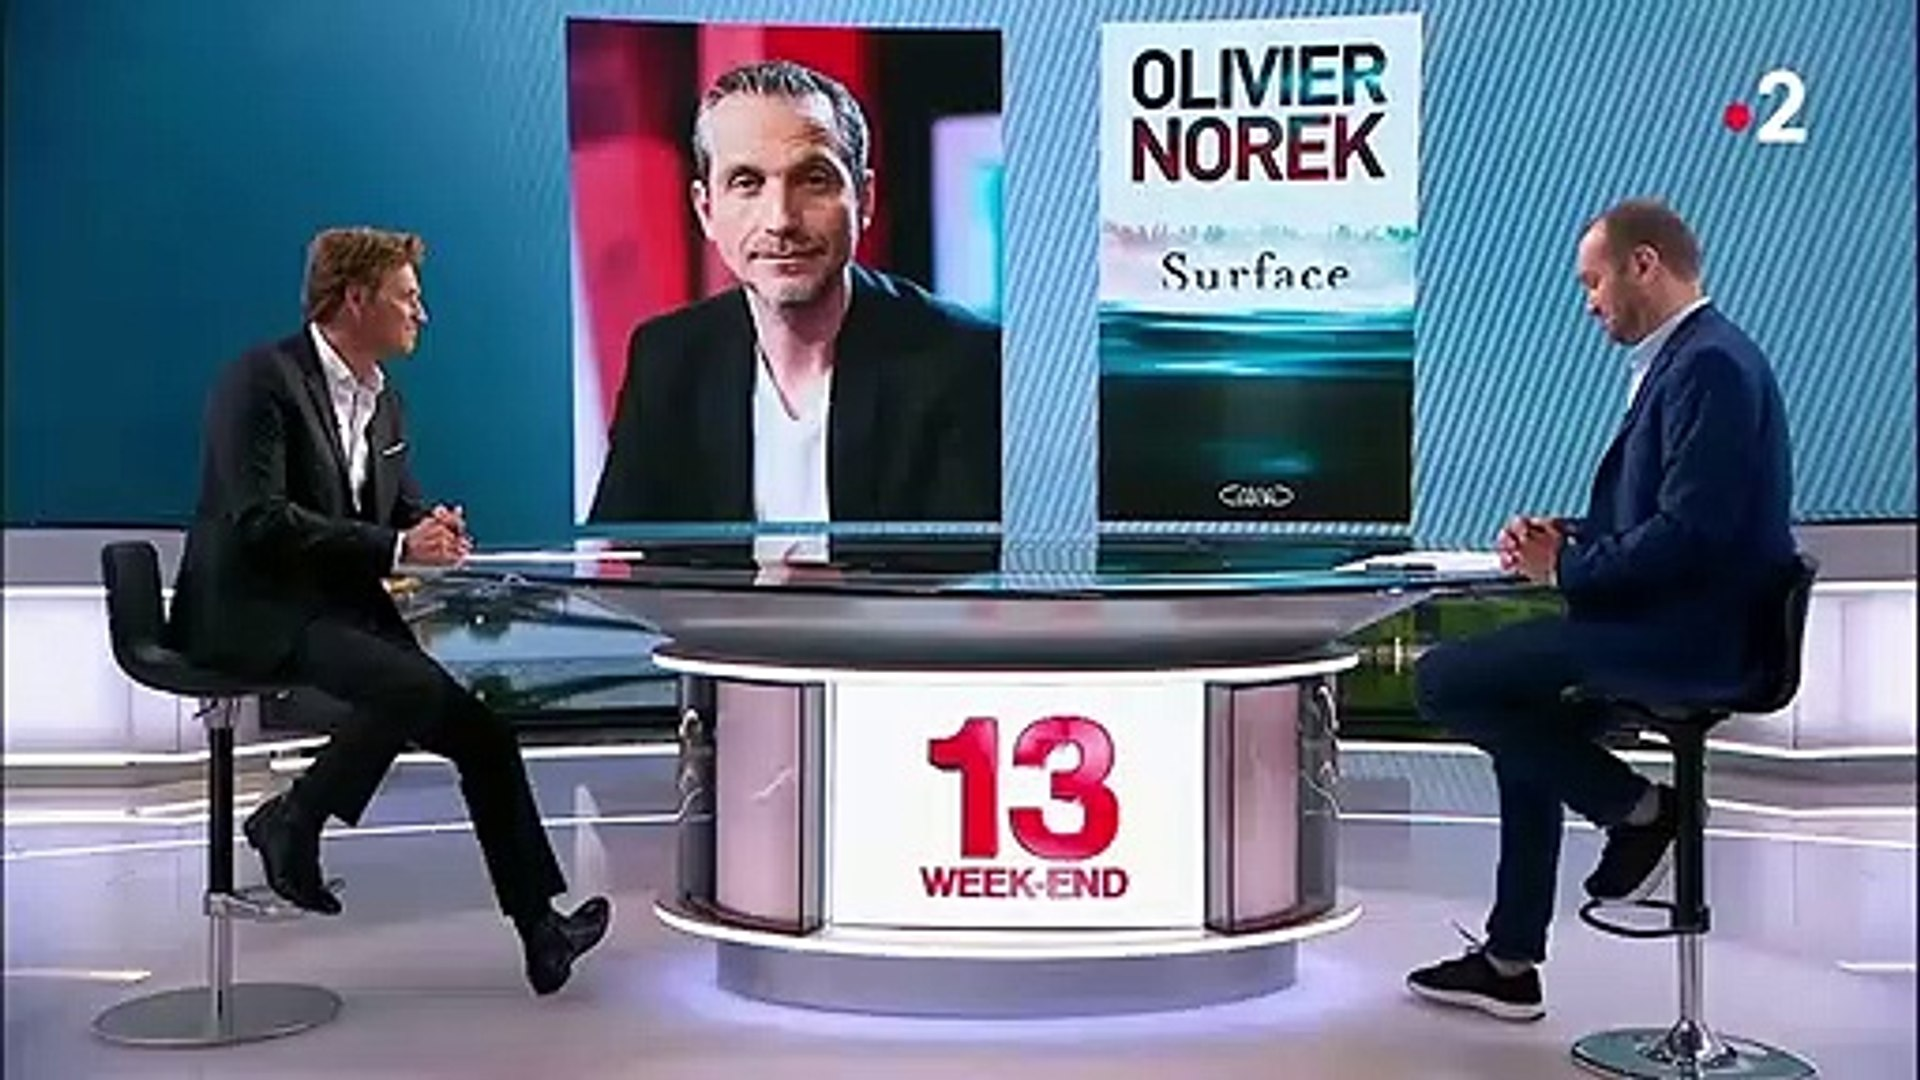 Litterature Rencontre Avec Le Policier Devenu Ecrivain Olivier Norek